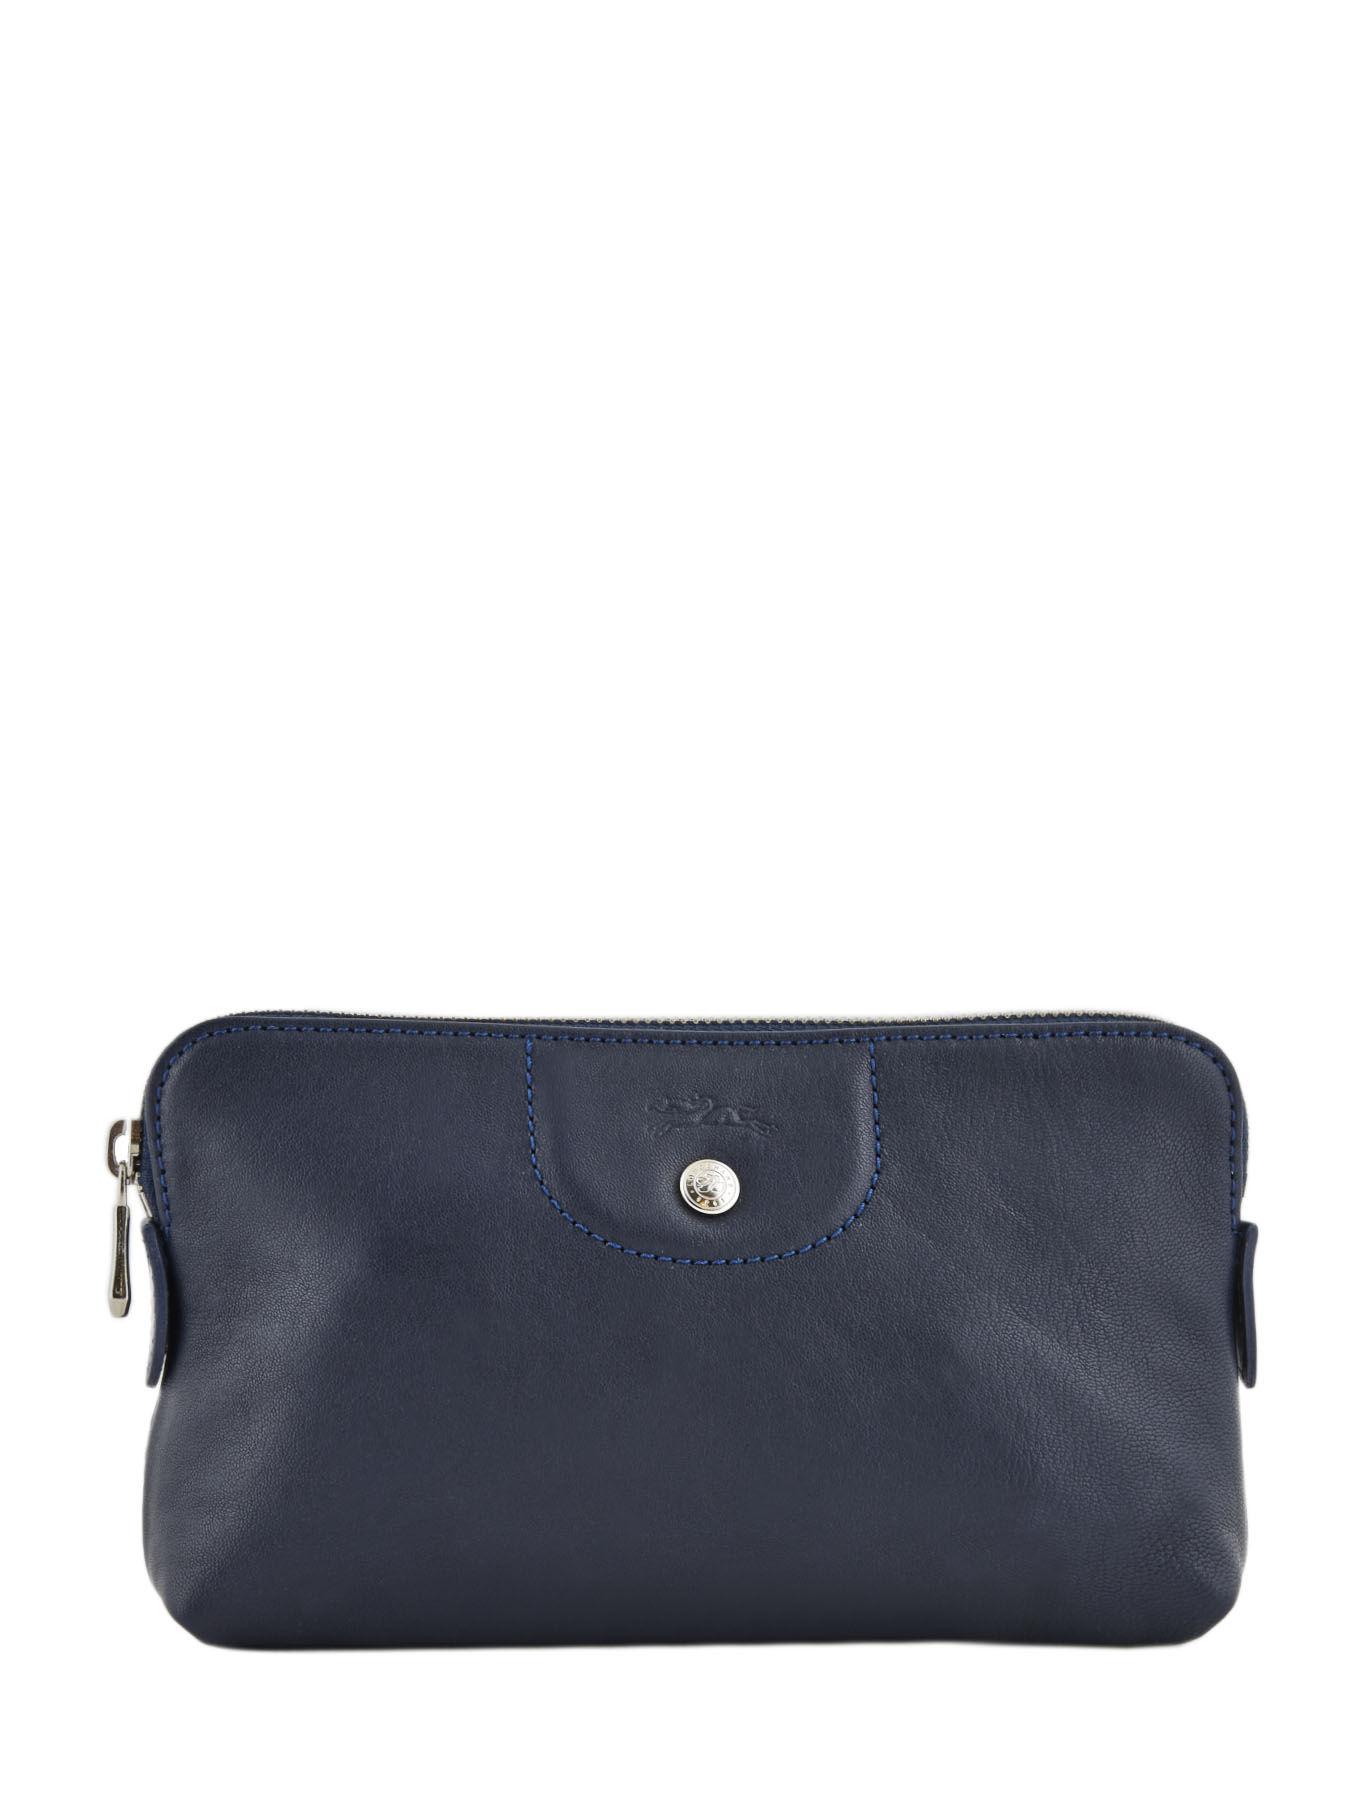 Shopping > sac longchamp pochette, Up to 72% OFF